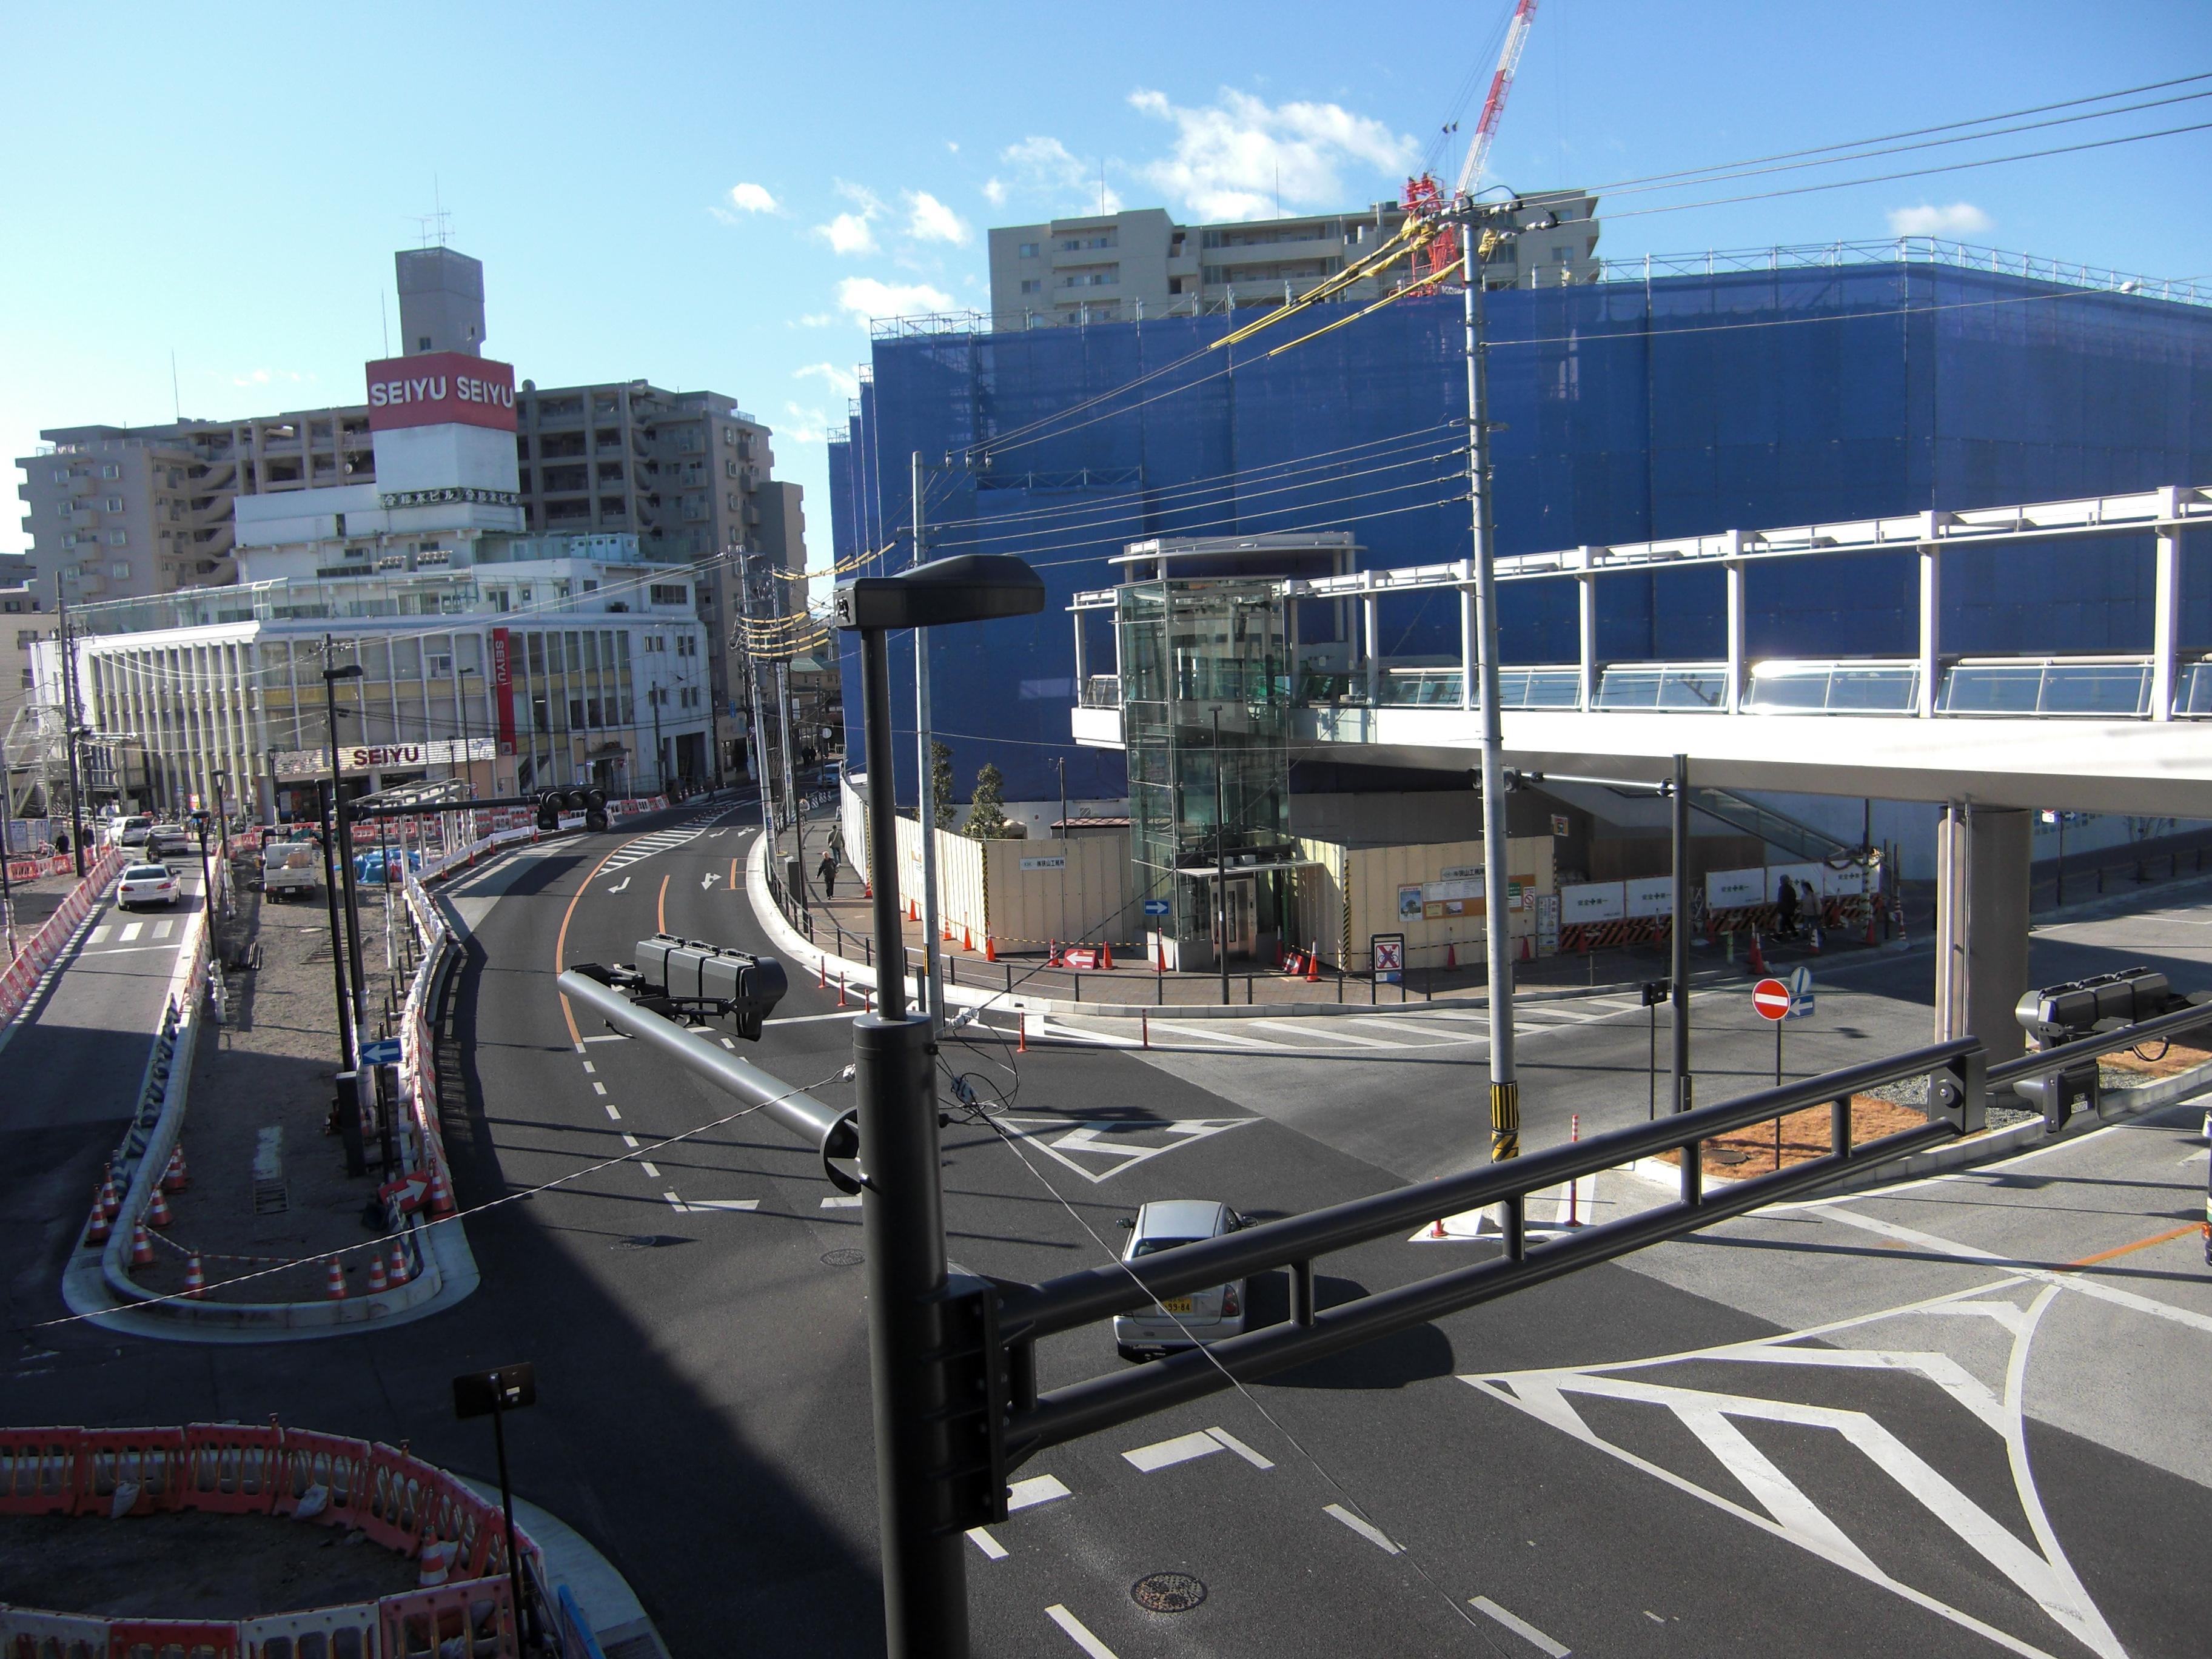 歩道の無い、駅前の交差点。ペデストリアンデッキを必要にした交差点です。